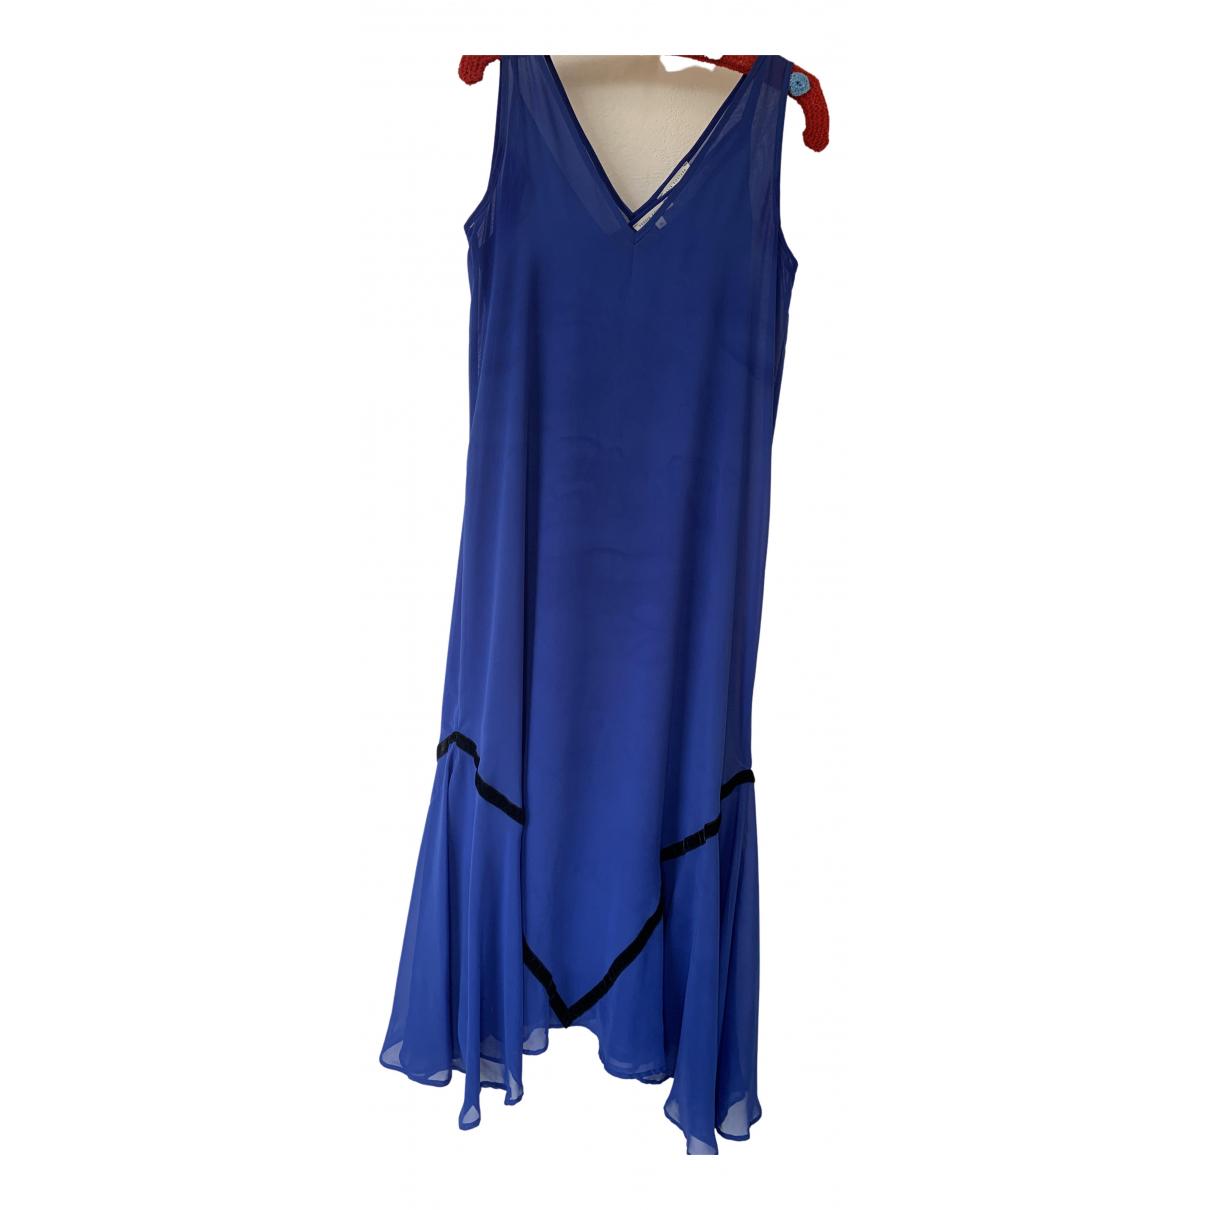 Vassia Kostara \N Kleid in  Blau Synthetik